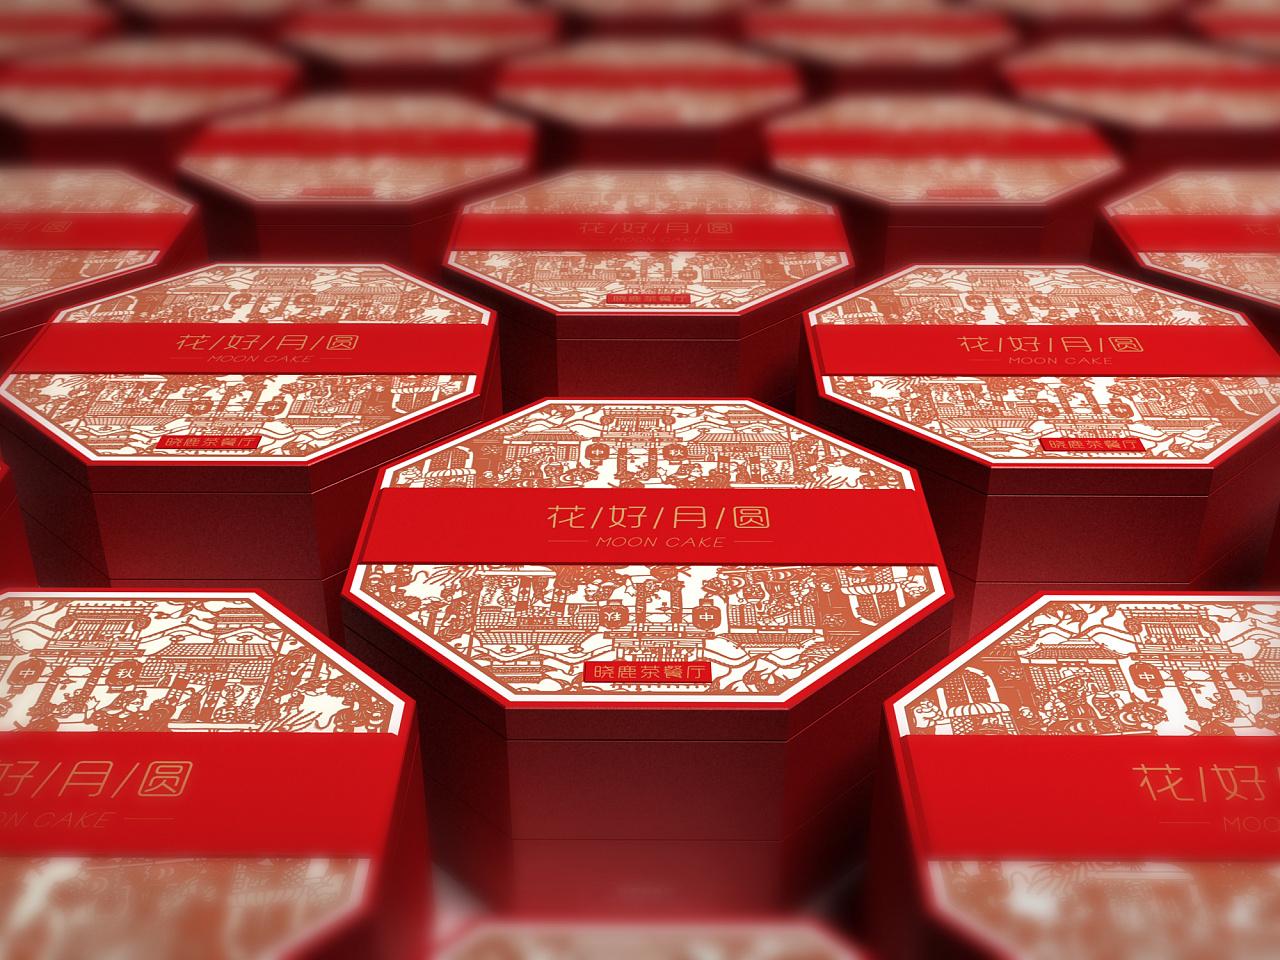 月饼包装礼盒包装茶叶包装粽子包装礼品盒设计节日礼盒包装设计